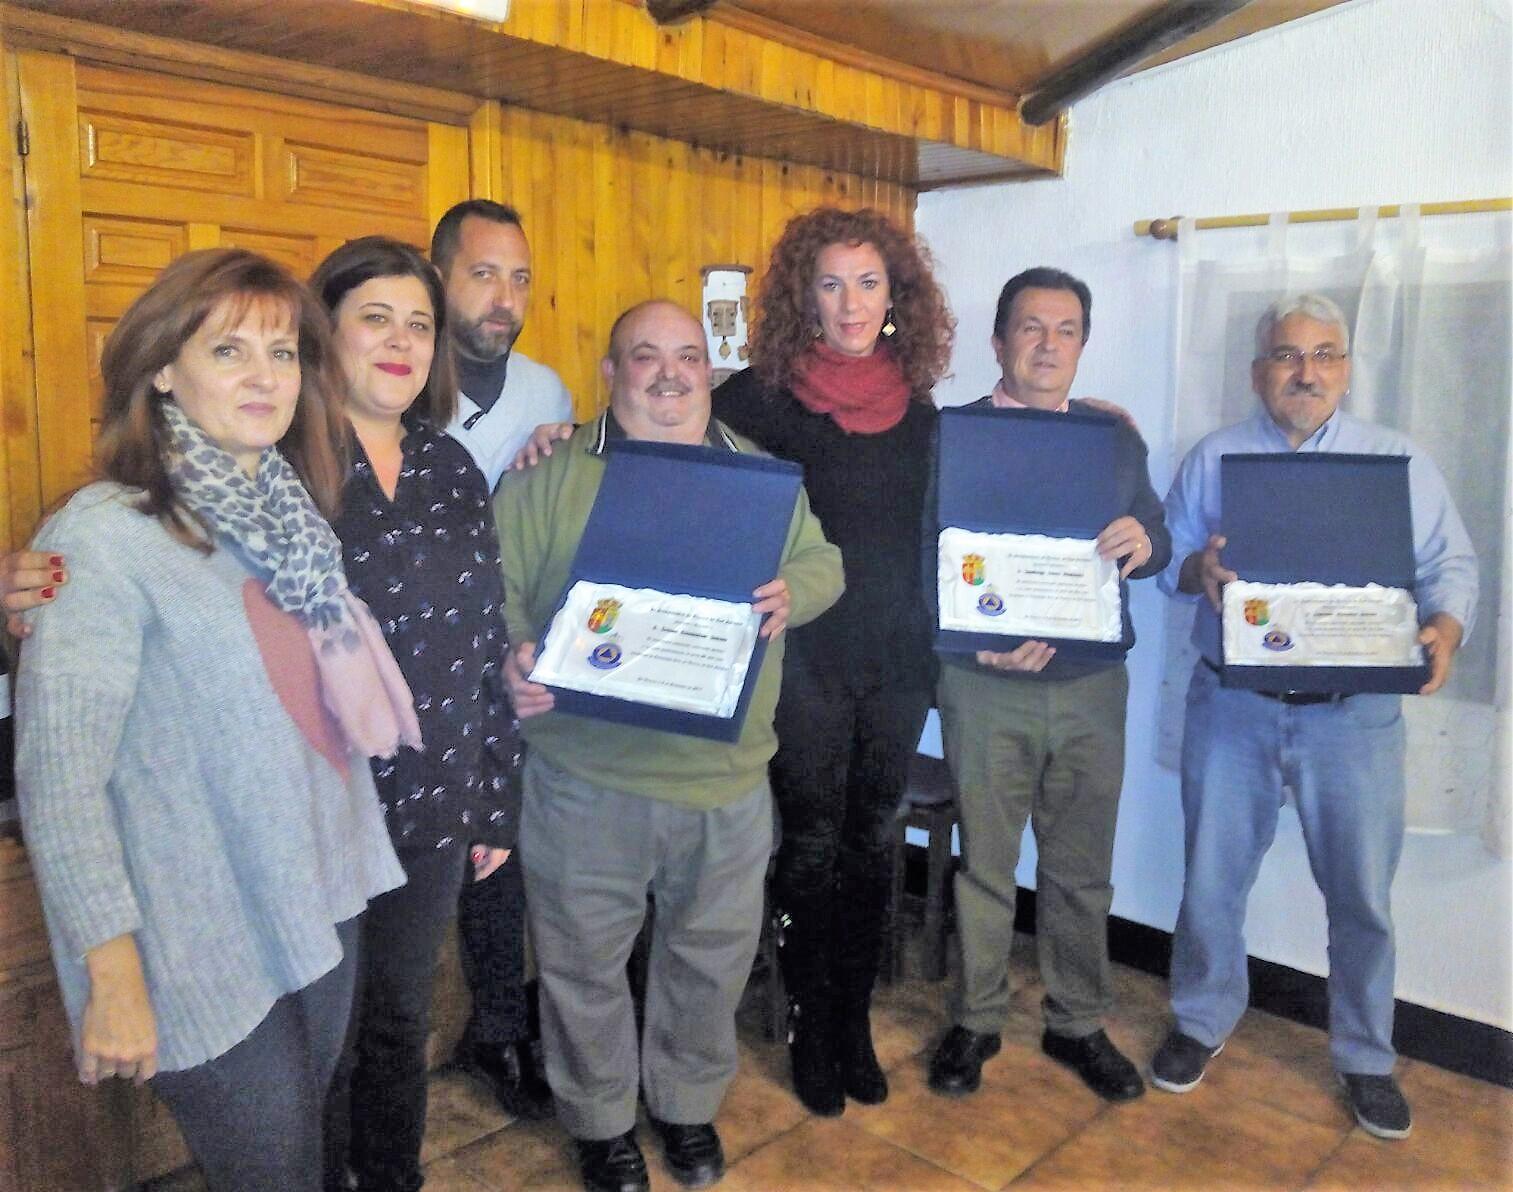 Reconocimiento a 20 años de voluntariado en Protección Civil